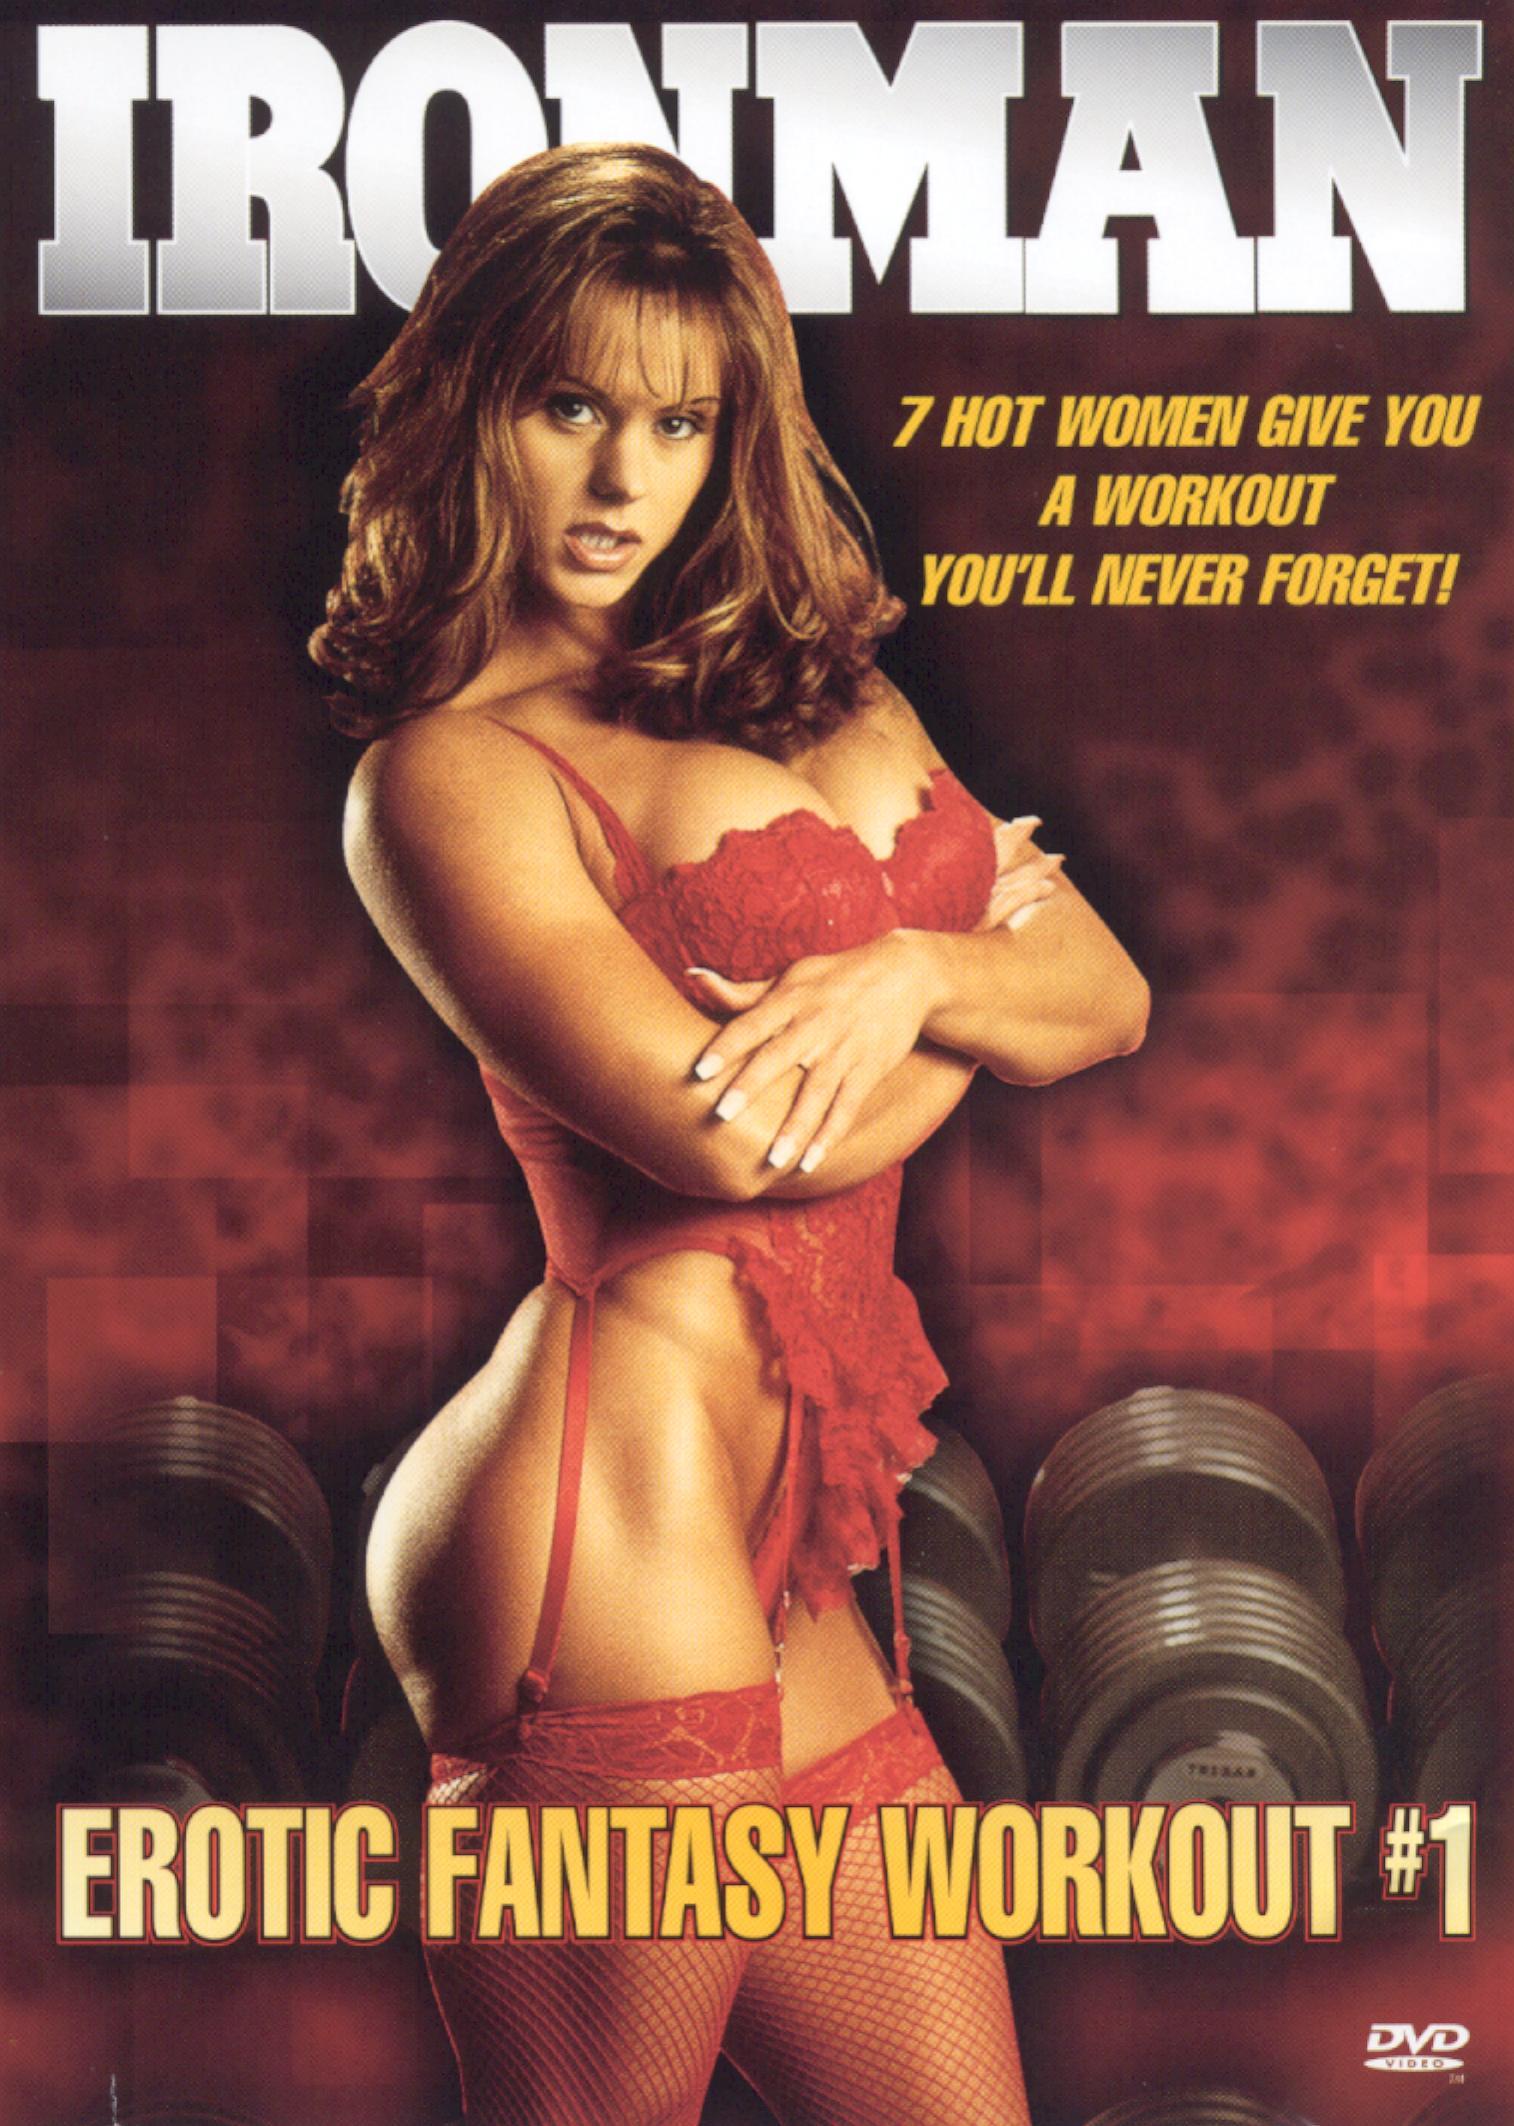 Ironman: Erotic Fantasy Workout, Vol. 1